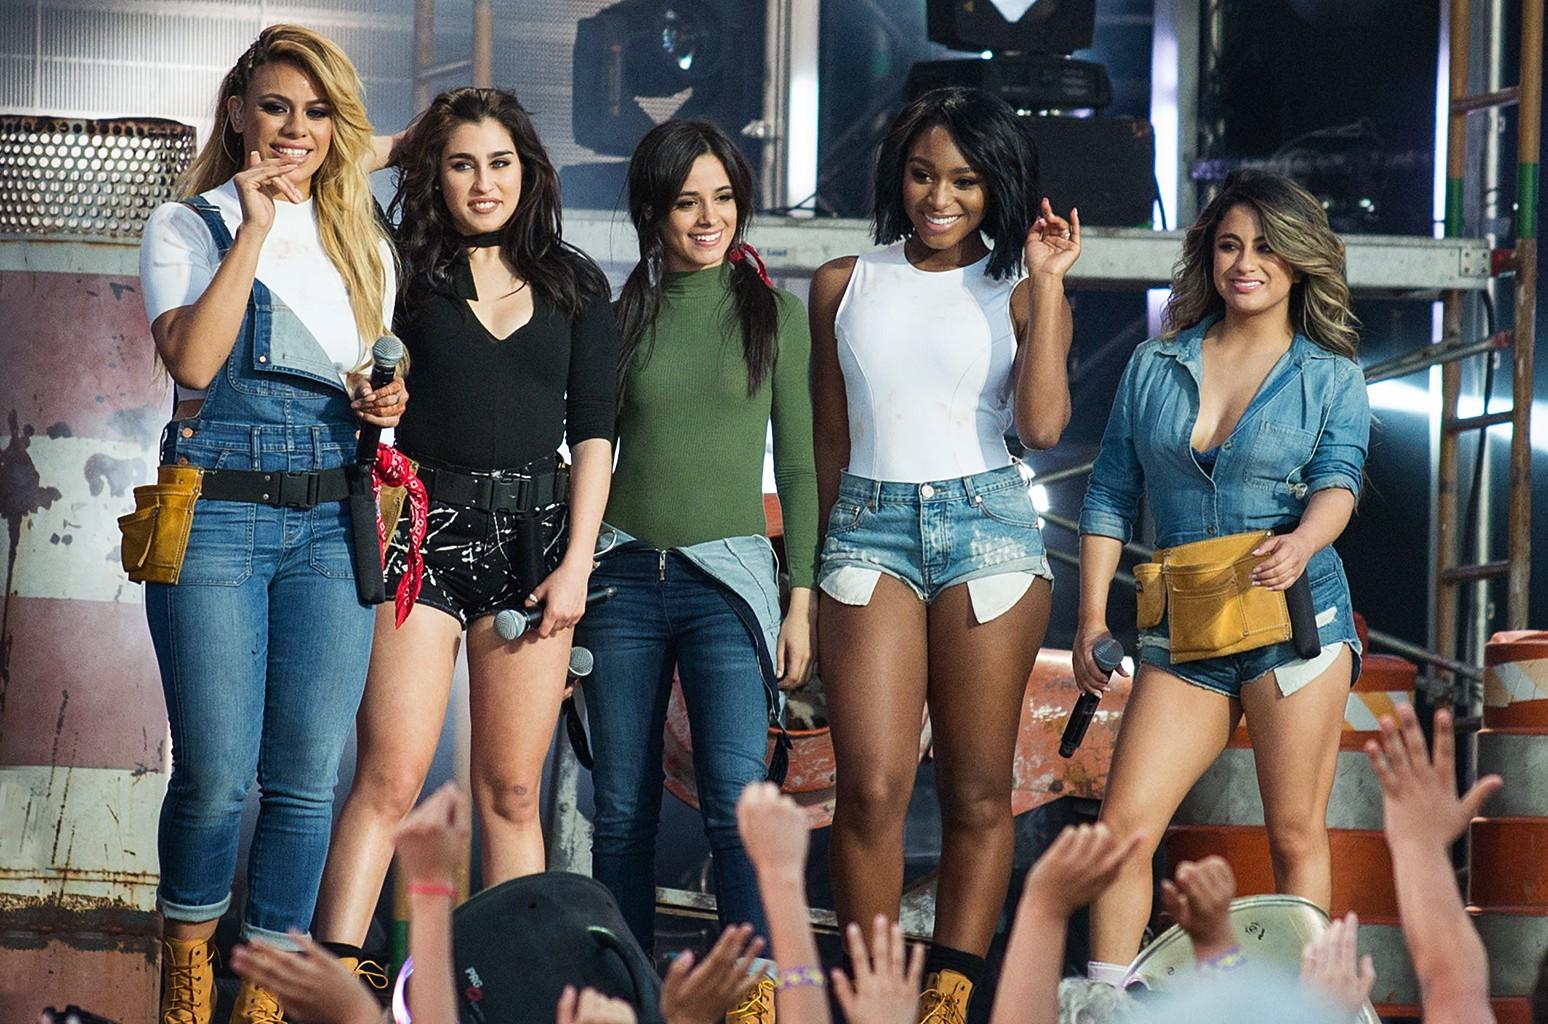 Taylor Swift có liên quan gì đến việc Camila Cabello rời Fifth Harmony? - Ảnh 2.